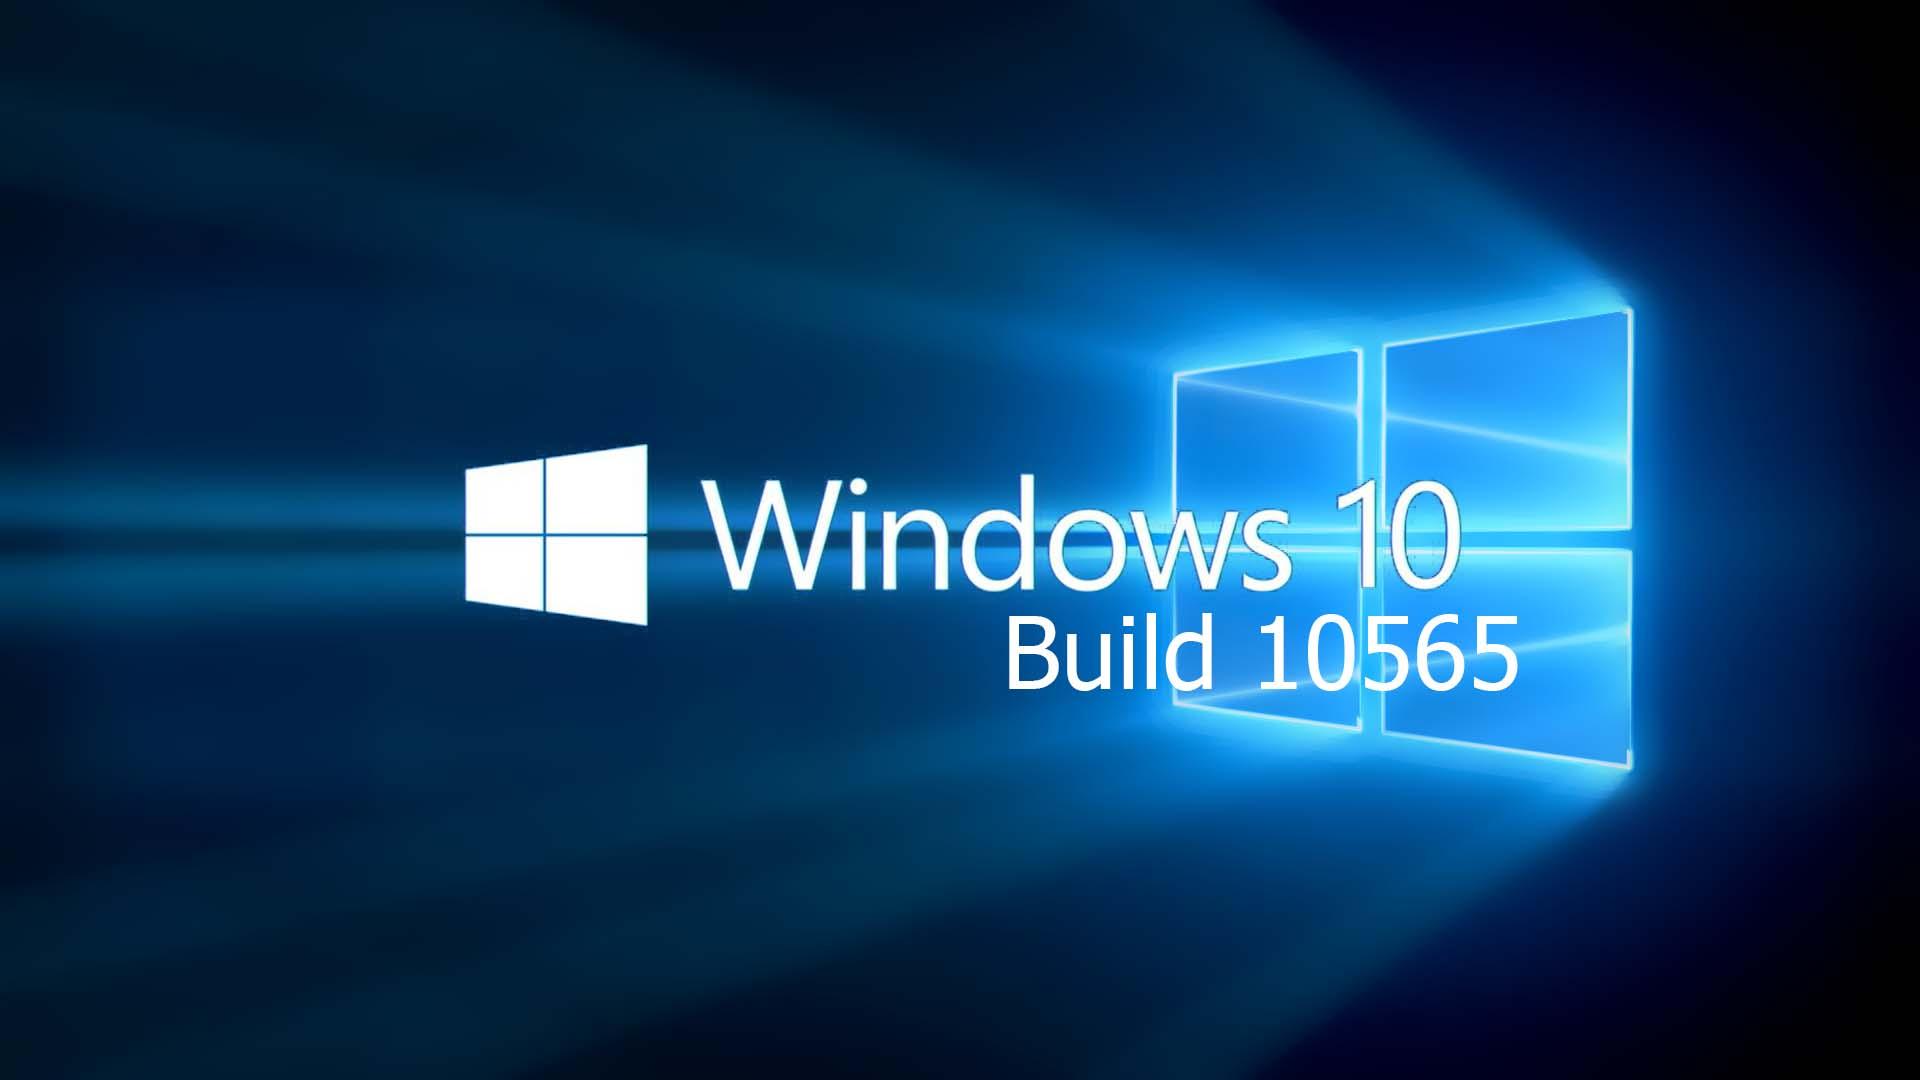 Windows 10 10565